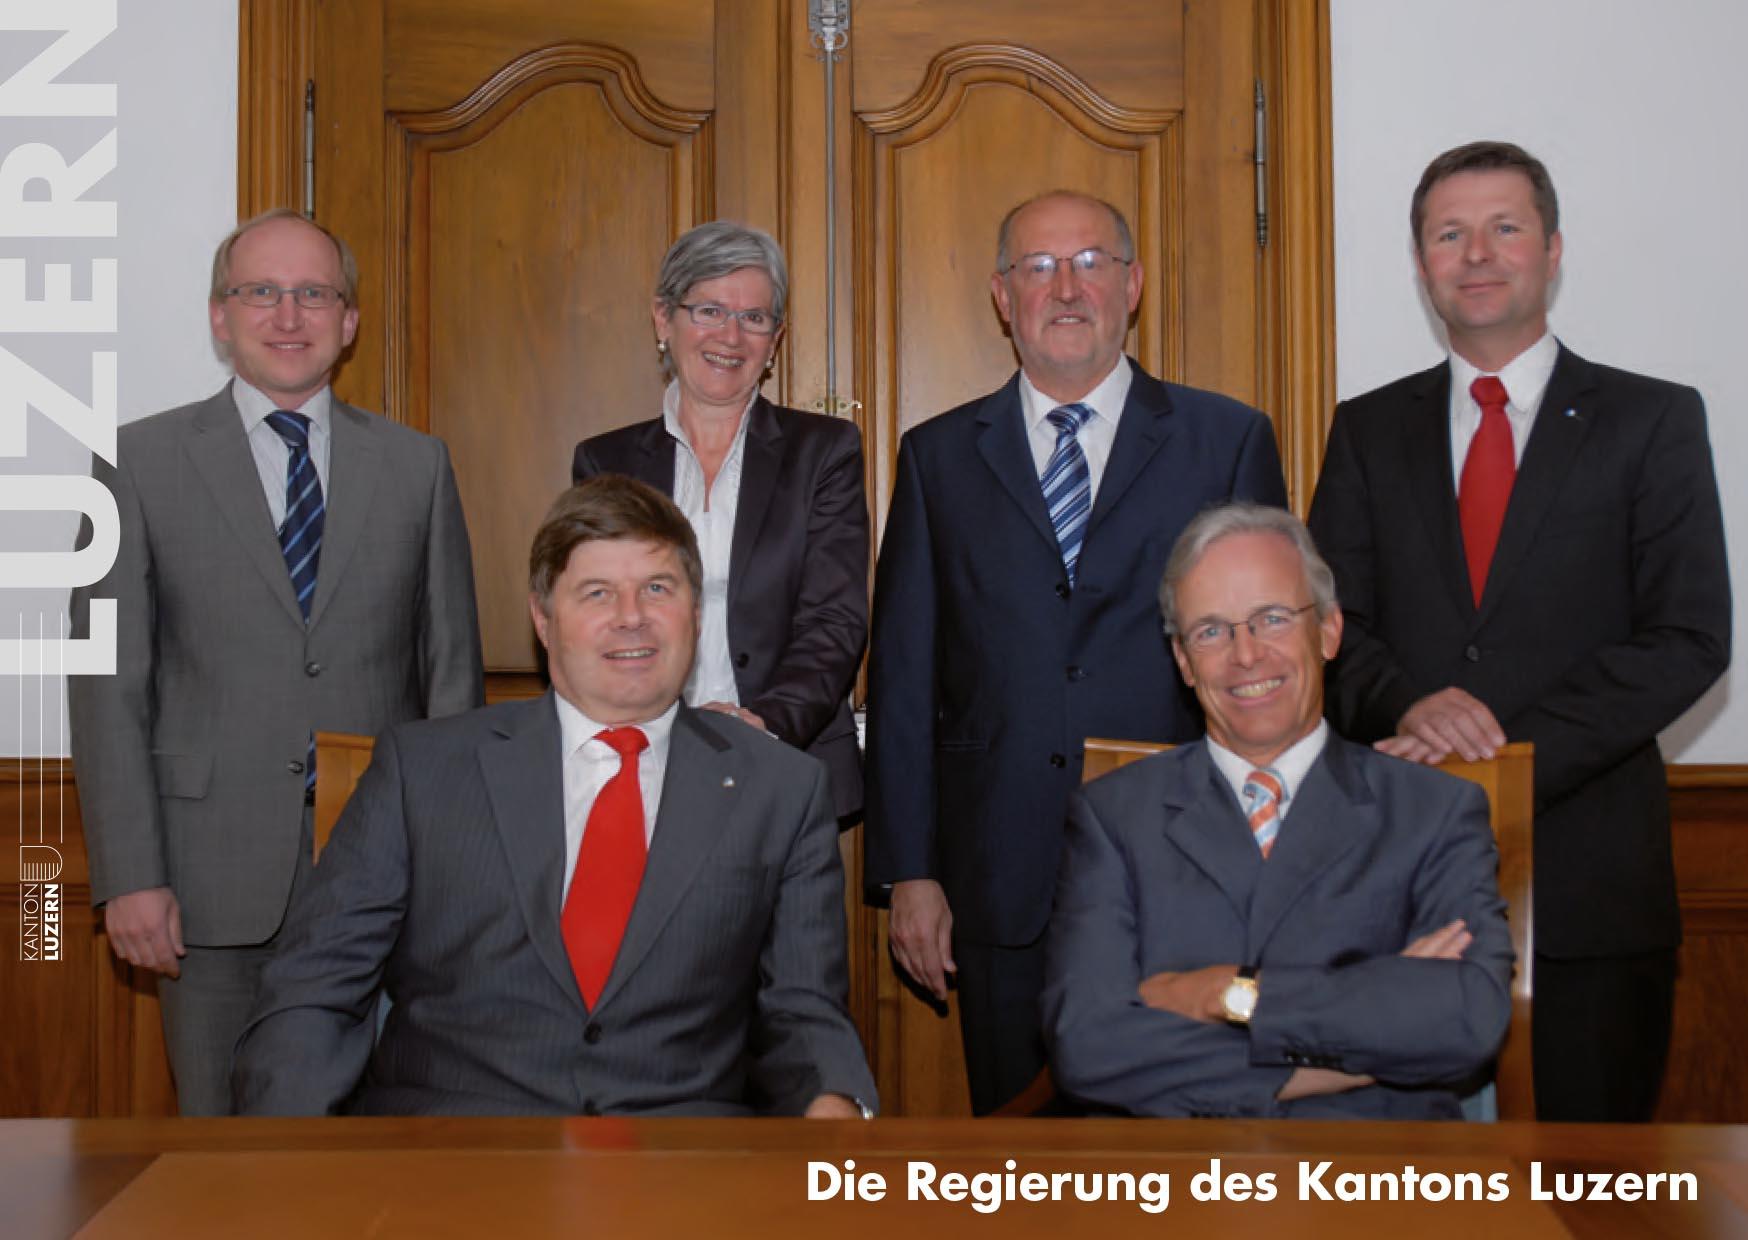 Das Foto 2009: (v.l.) Markus Dürr (CVP), Yvonne Schärli-Gerig (SP), Anton Schwingruber (CVP), Max Pfister (FDP), Marcel Schwerzmann (parteilos). Dazu kommt links (sic!) der Staatsschreiber Markus Hodel, heute Rektor der HSLU.